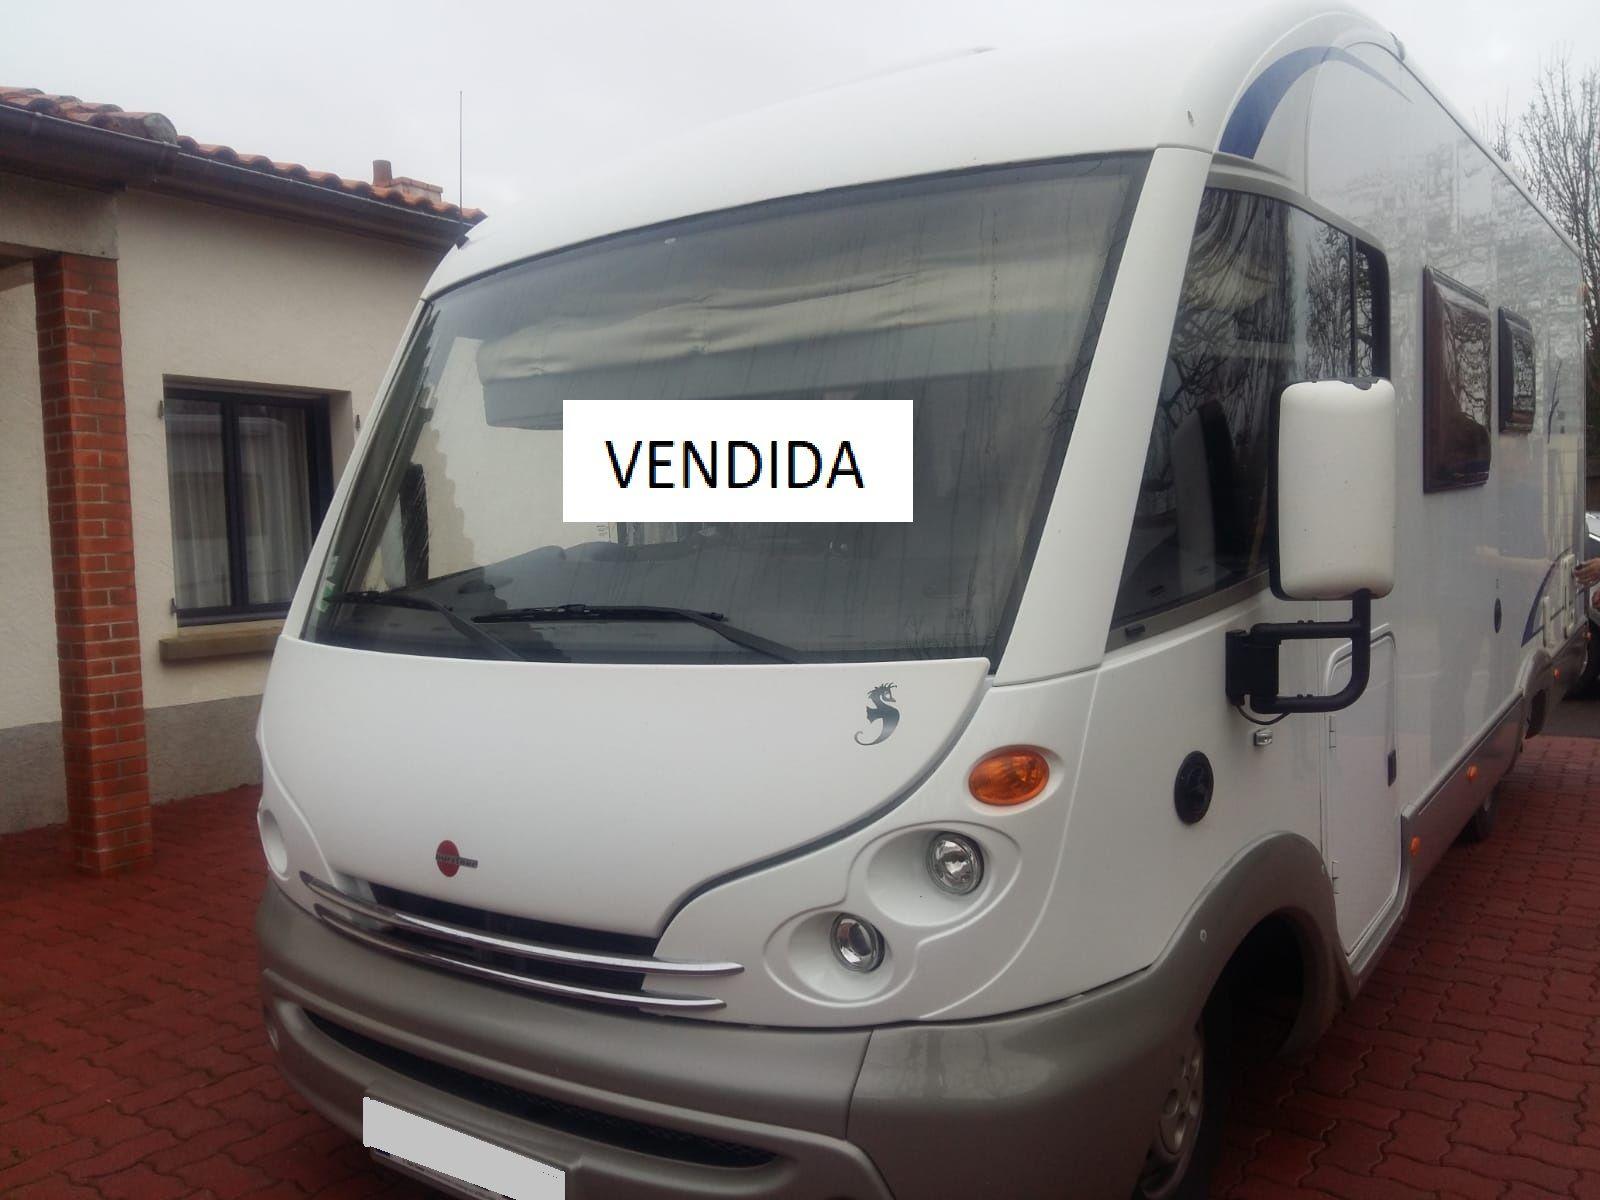 En Alquiler de Autocaravanas Bilbao vendemos autocaravanas de ocasión